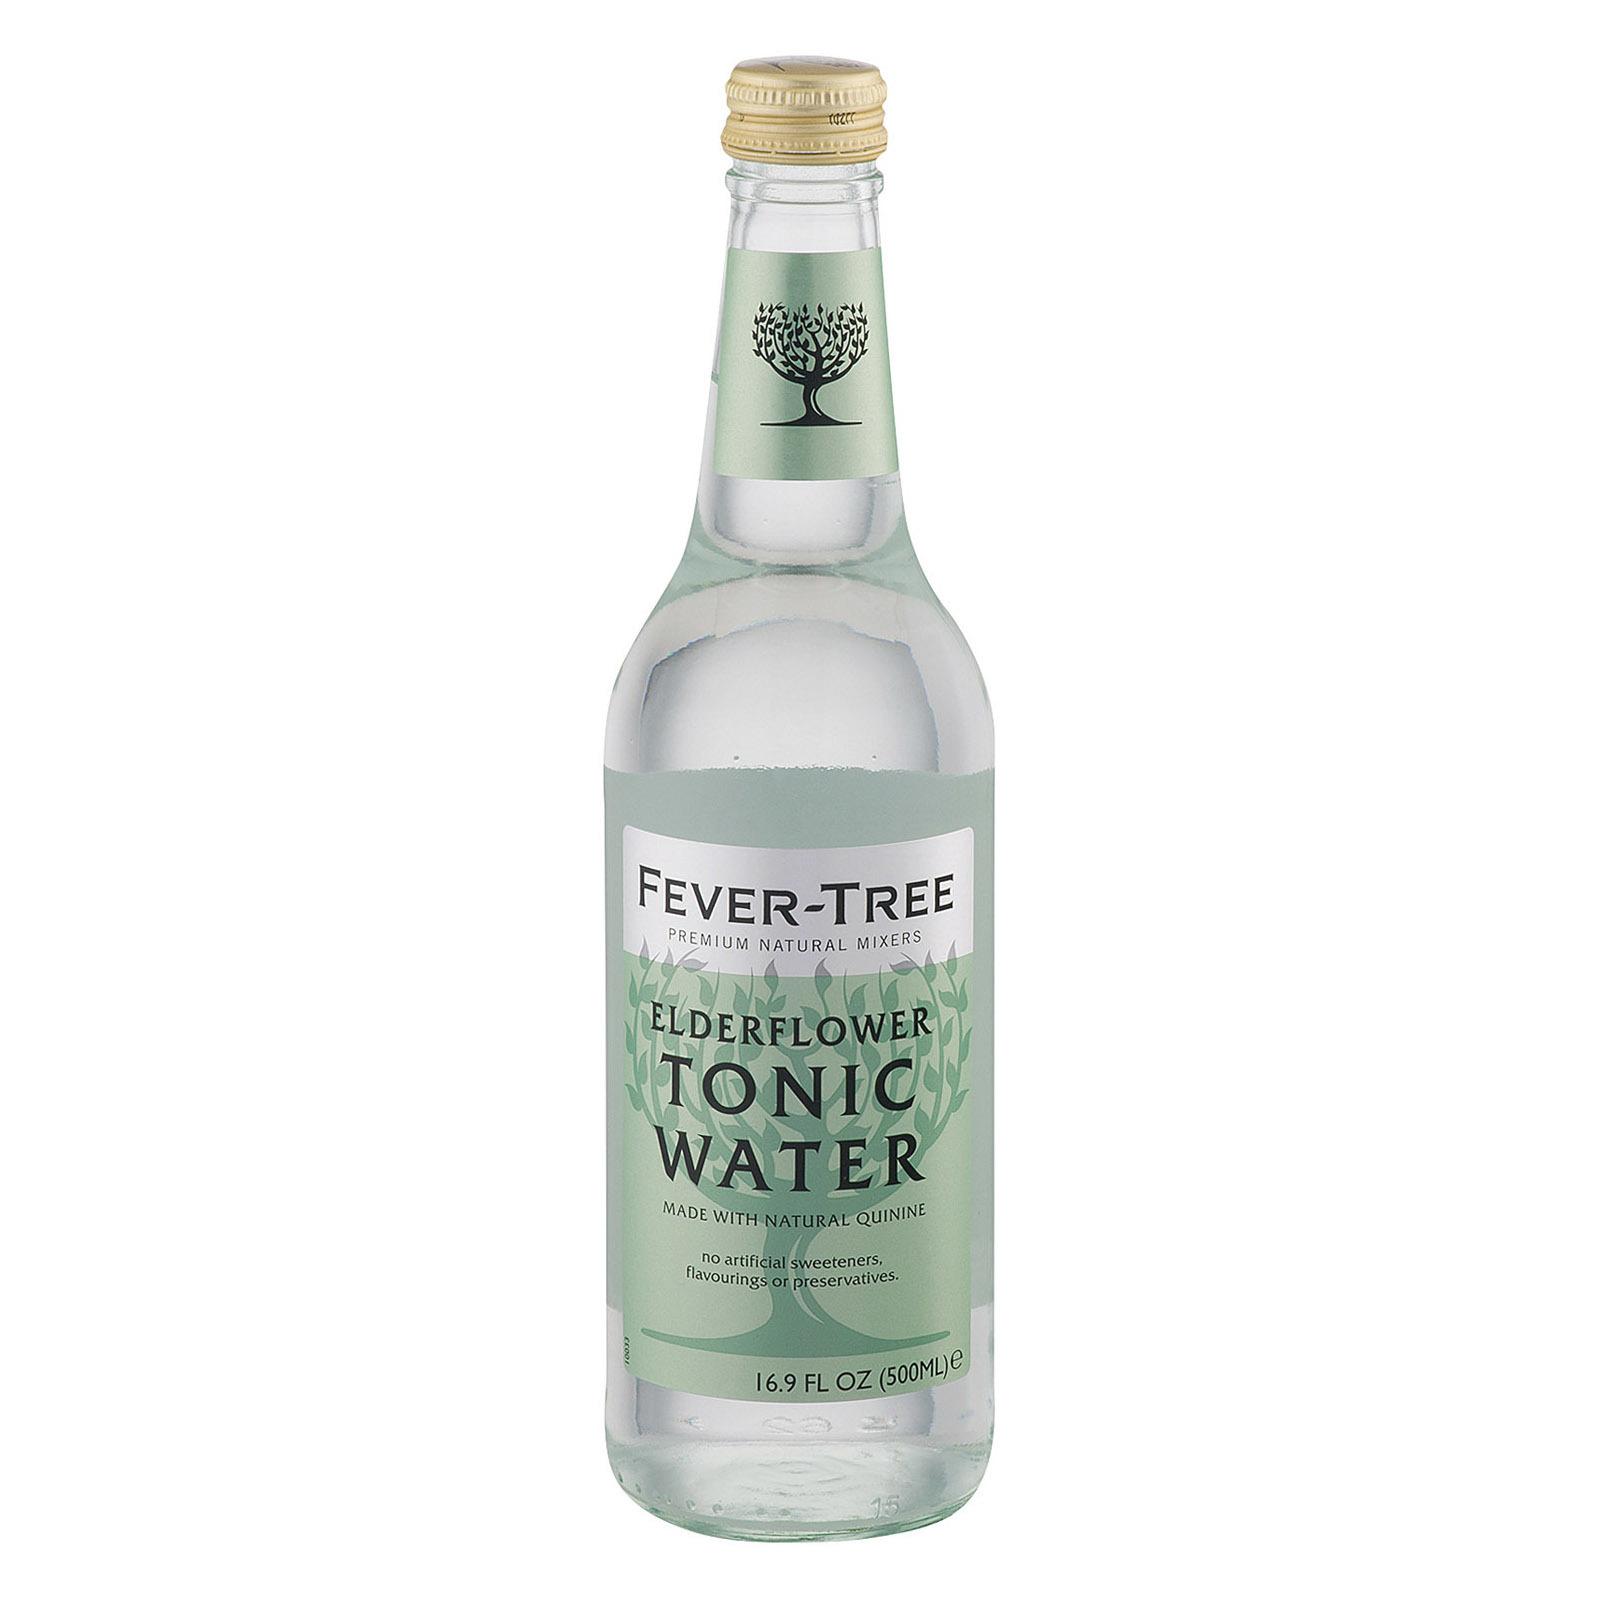 Fever - Tree Elderflower Tonic Water - Tonic Water - Case of 8 - 16.9 FL oz.